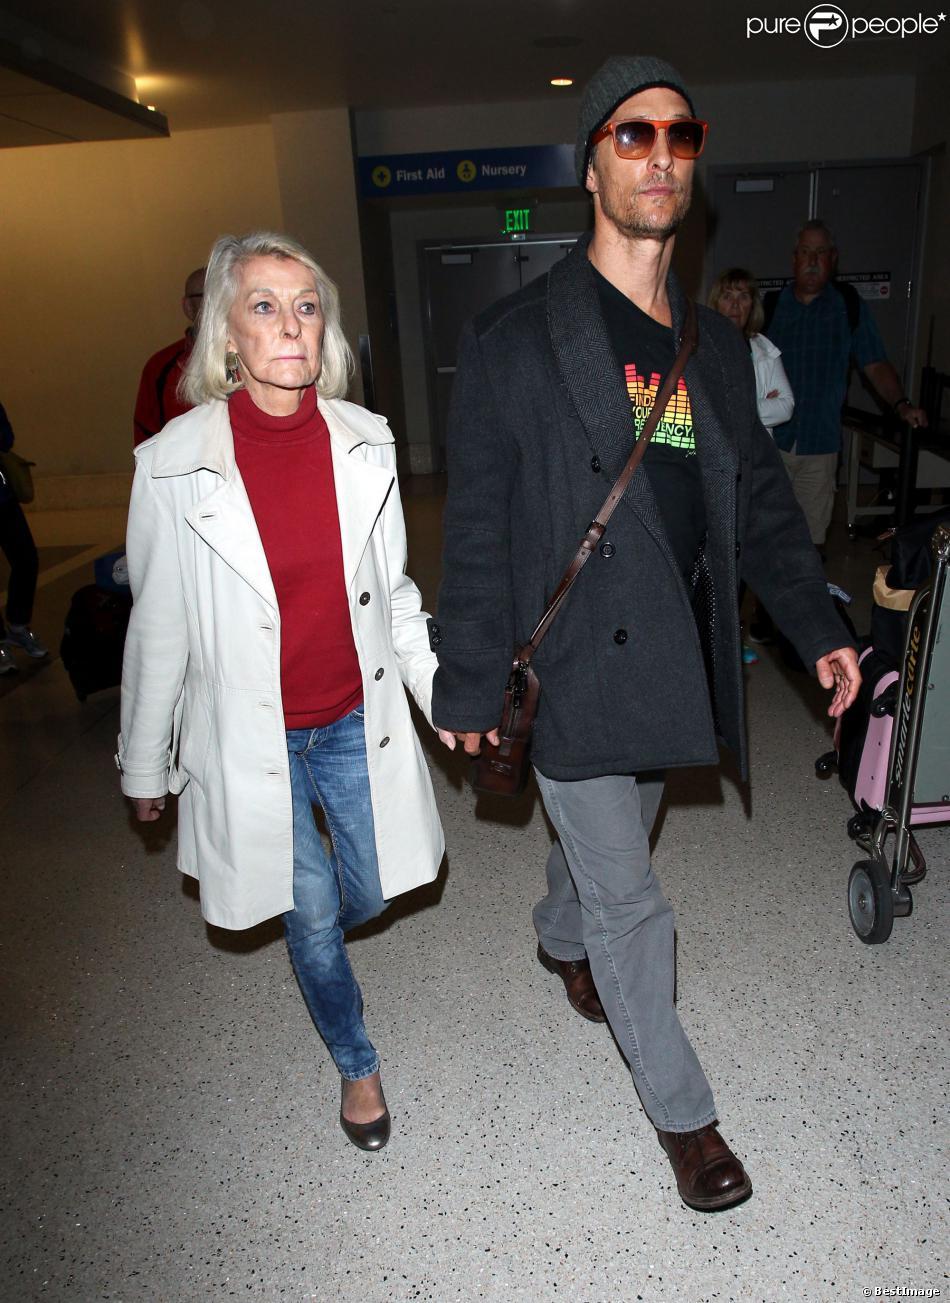 Matthew McConaughey arrive à Los Angeles avec sa mère Mary Kathlene McCabe en provenance de Rome où il a tourné une publicité, le 25 mars 2014.